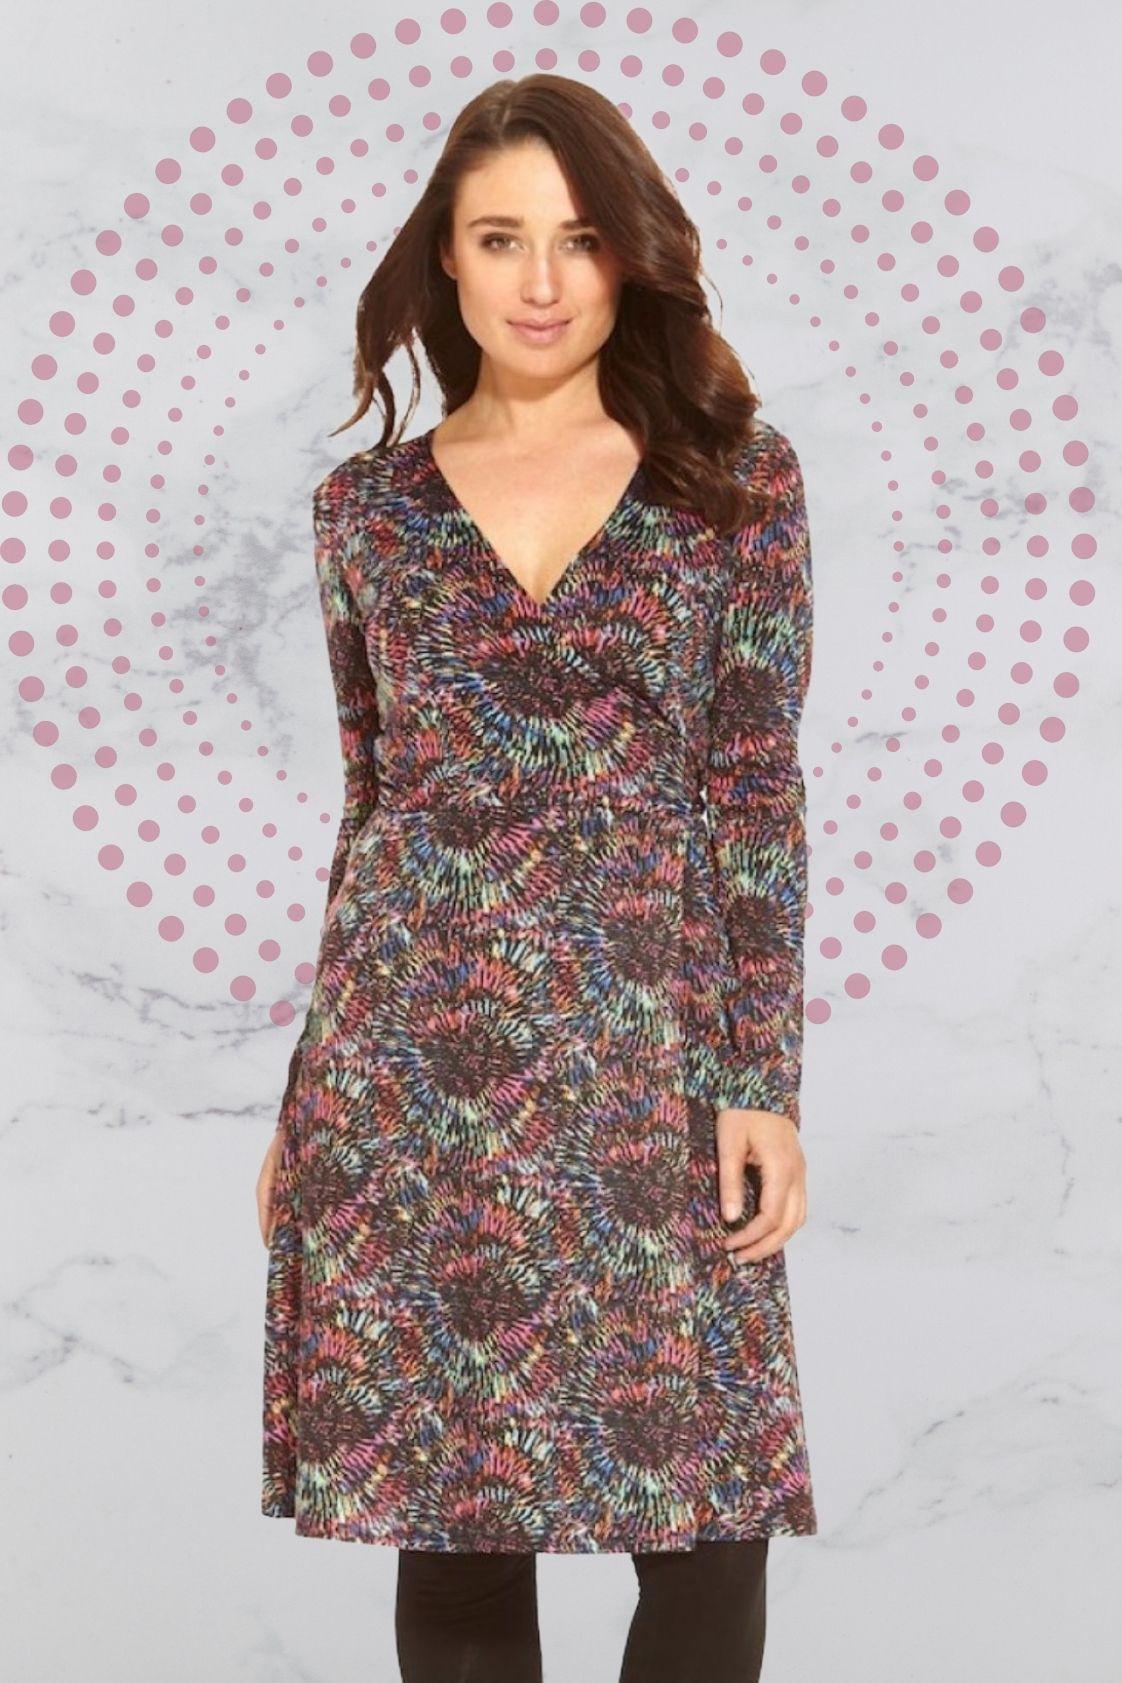 Sunburst L/S Wrap Dress - Sunburst Print